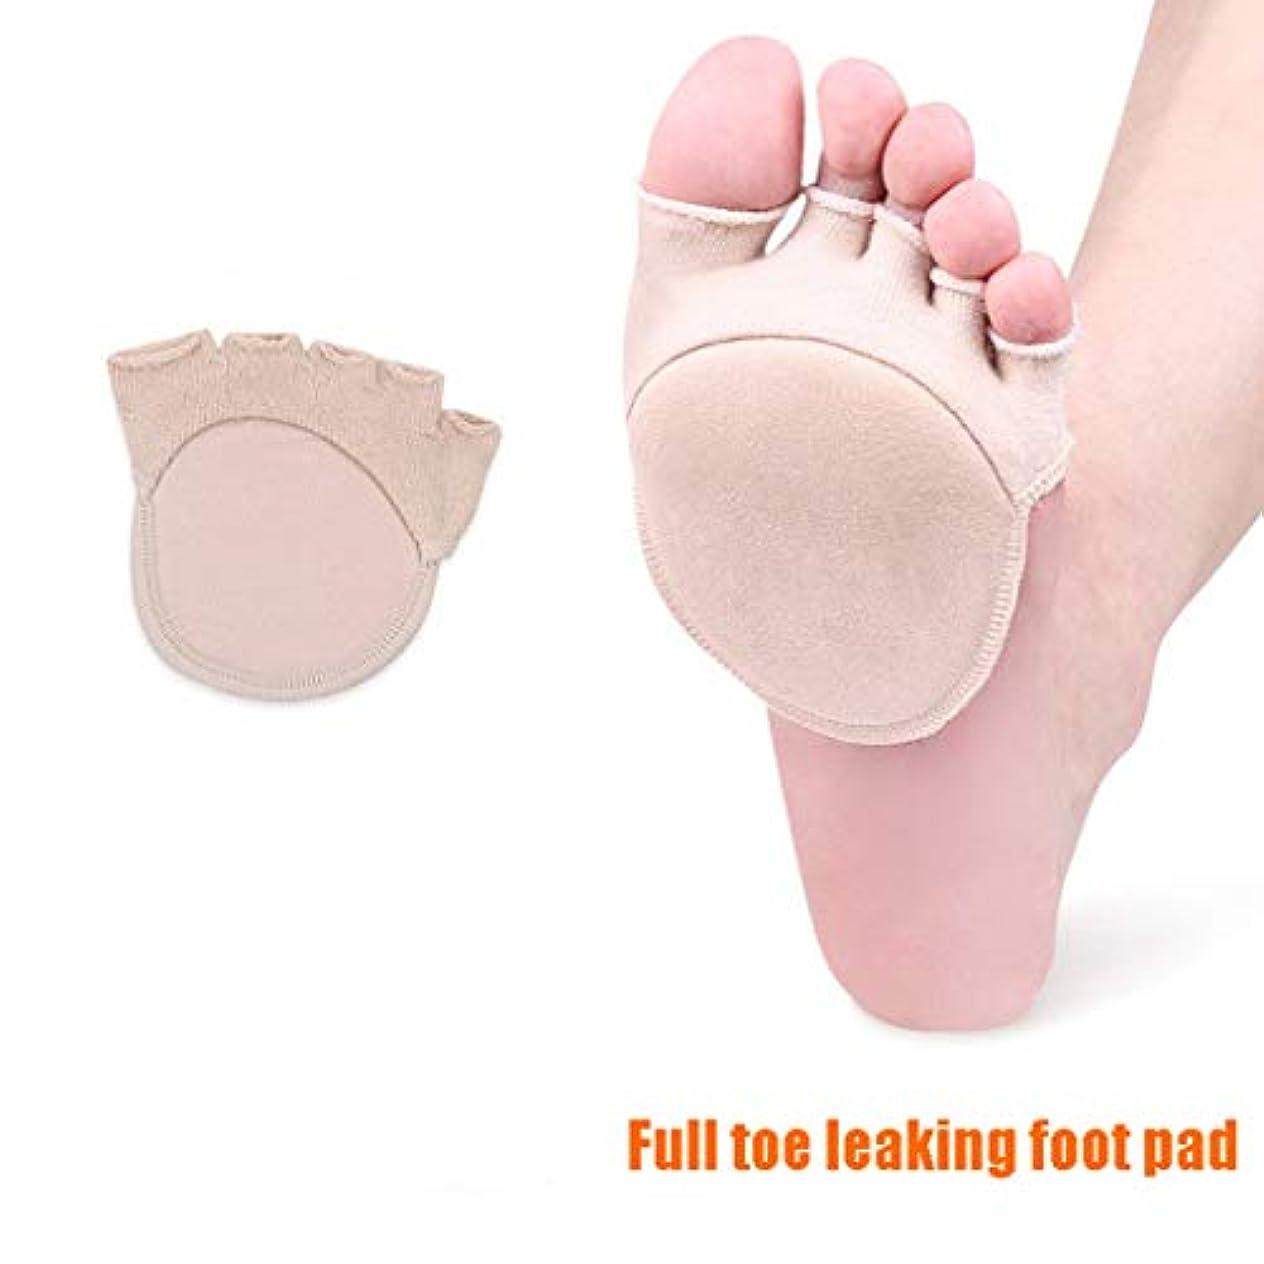 血色の良い差側足底筋膜炎の治療、5本のつま先のつま先のデザイン、中足の痛みに適した固定スリップ、足の痛みの底,Flesh,Onesize